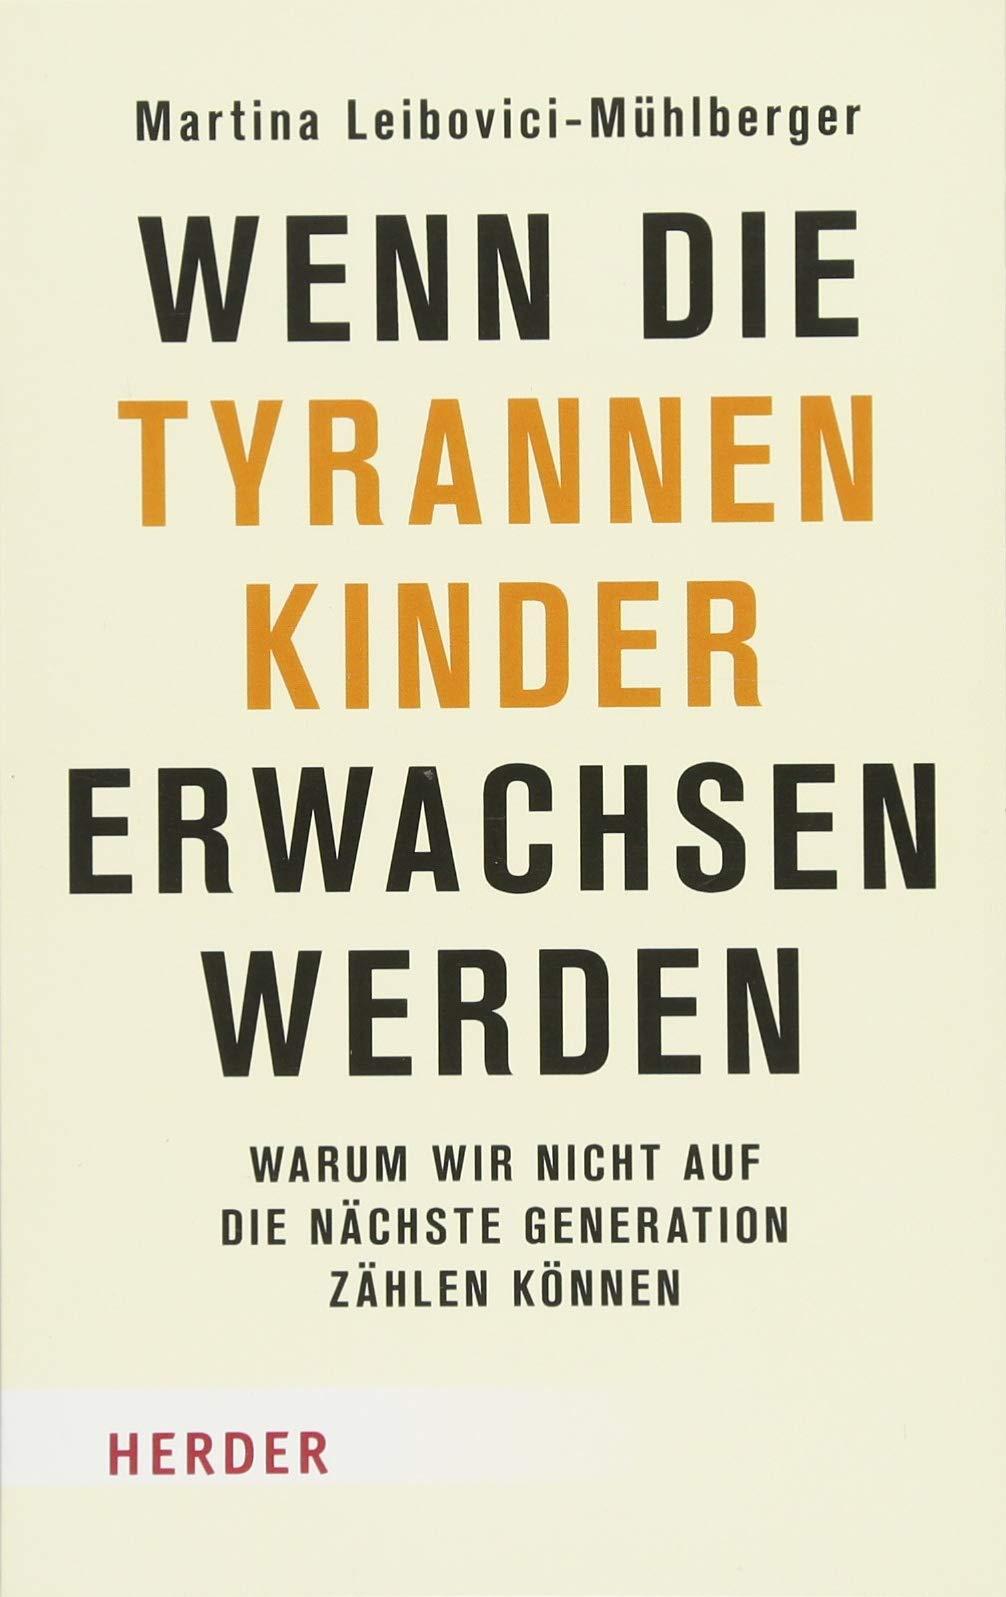 Wenn die Tyrannenkinder erwachsen werden: Warum wir nicht auf die nächste Generation zählen können (Herder Spektrum)